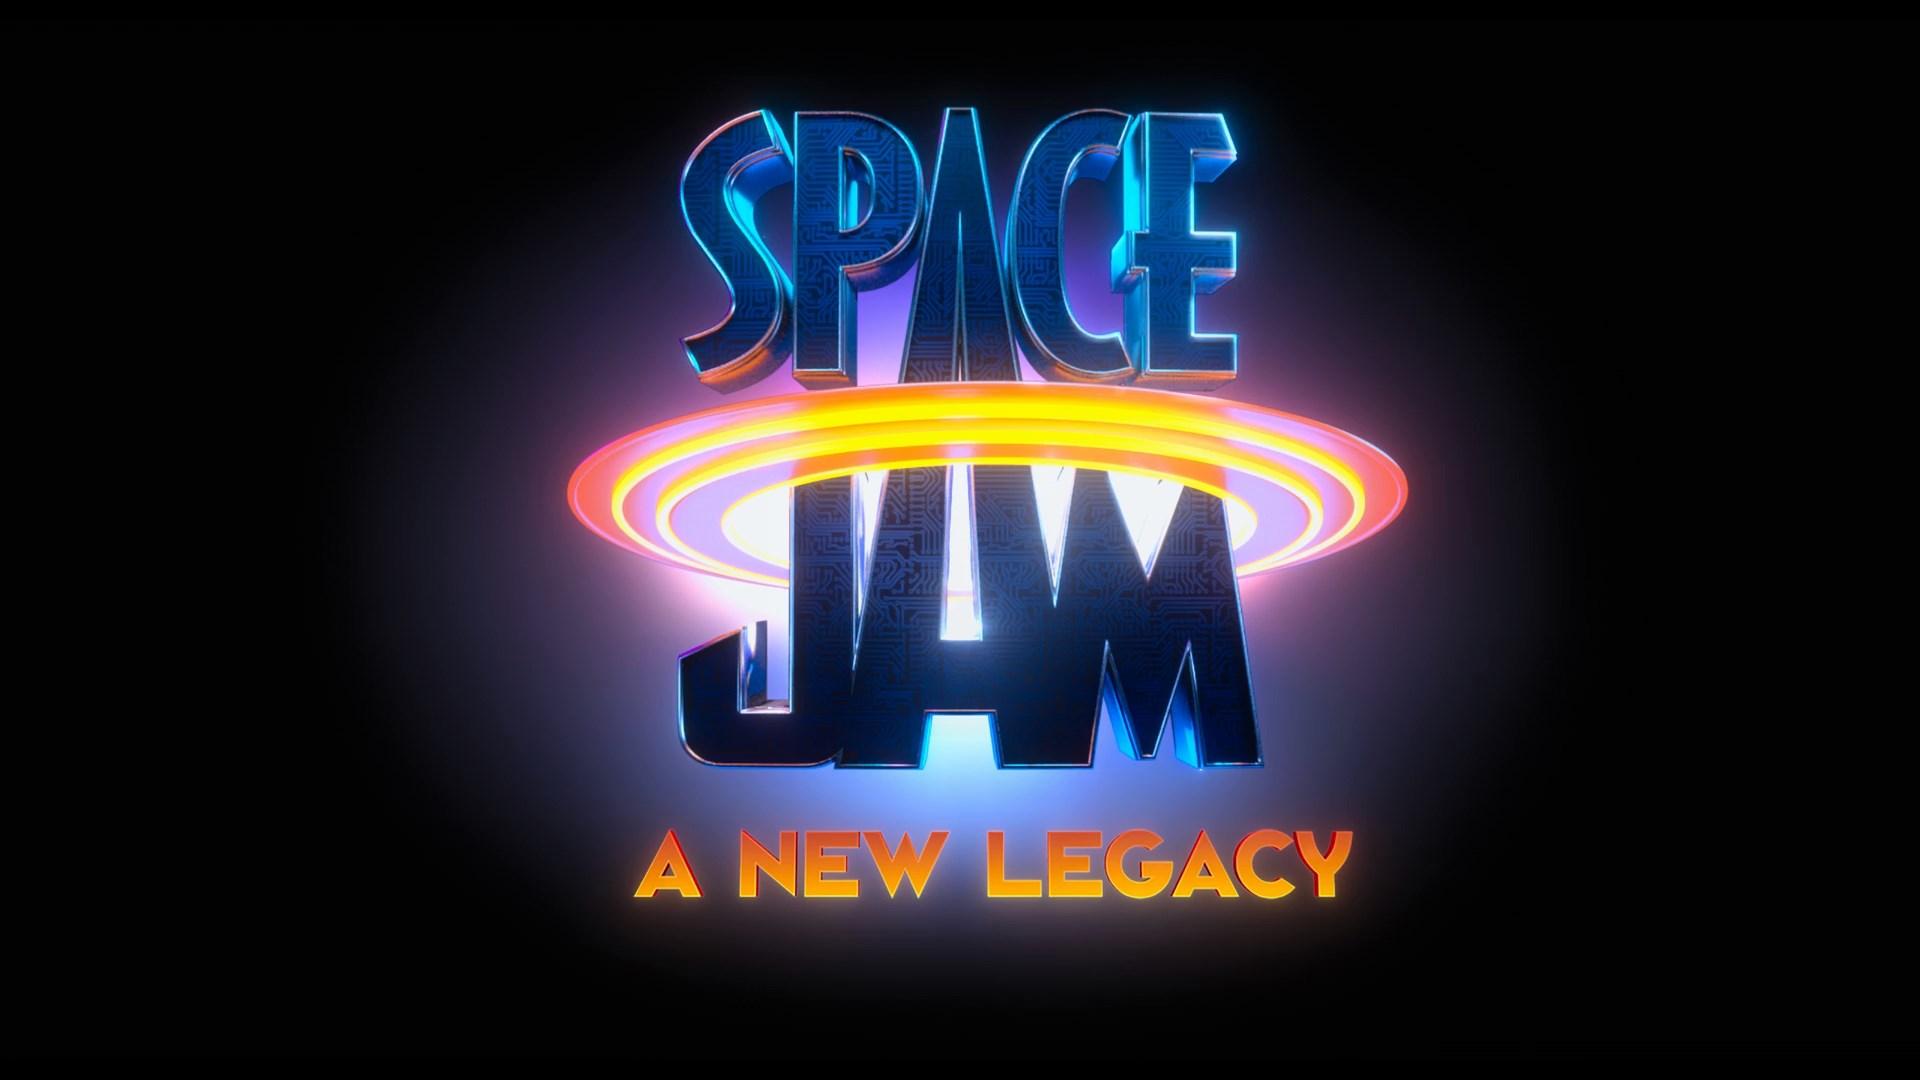 Space Jam: Una nueva era (2021) 1080p 60FPS WEB-DL Latino